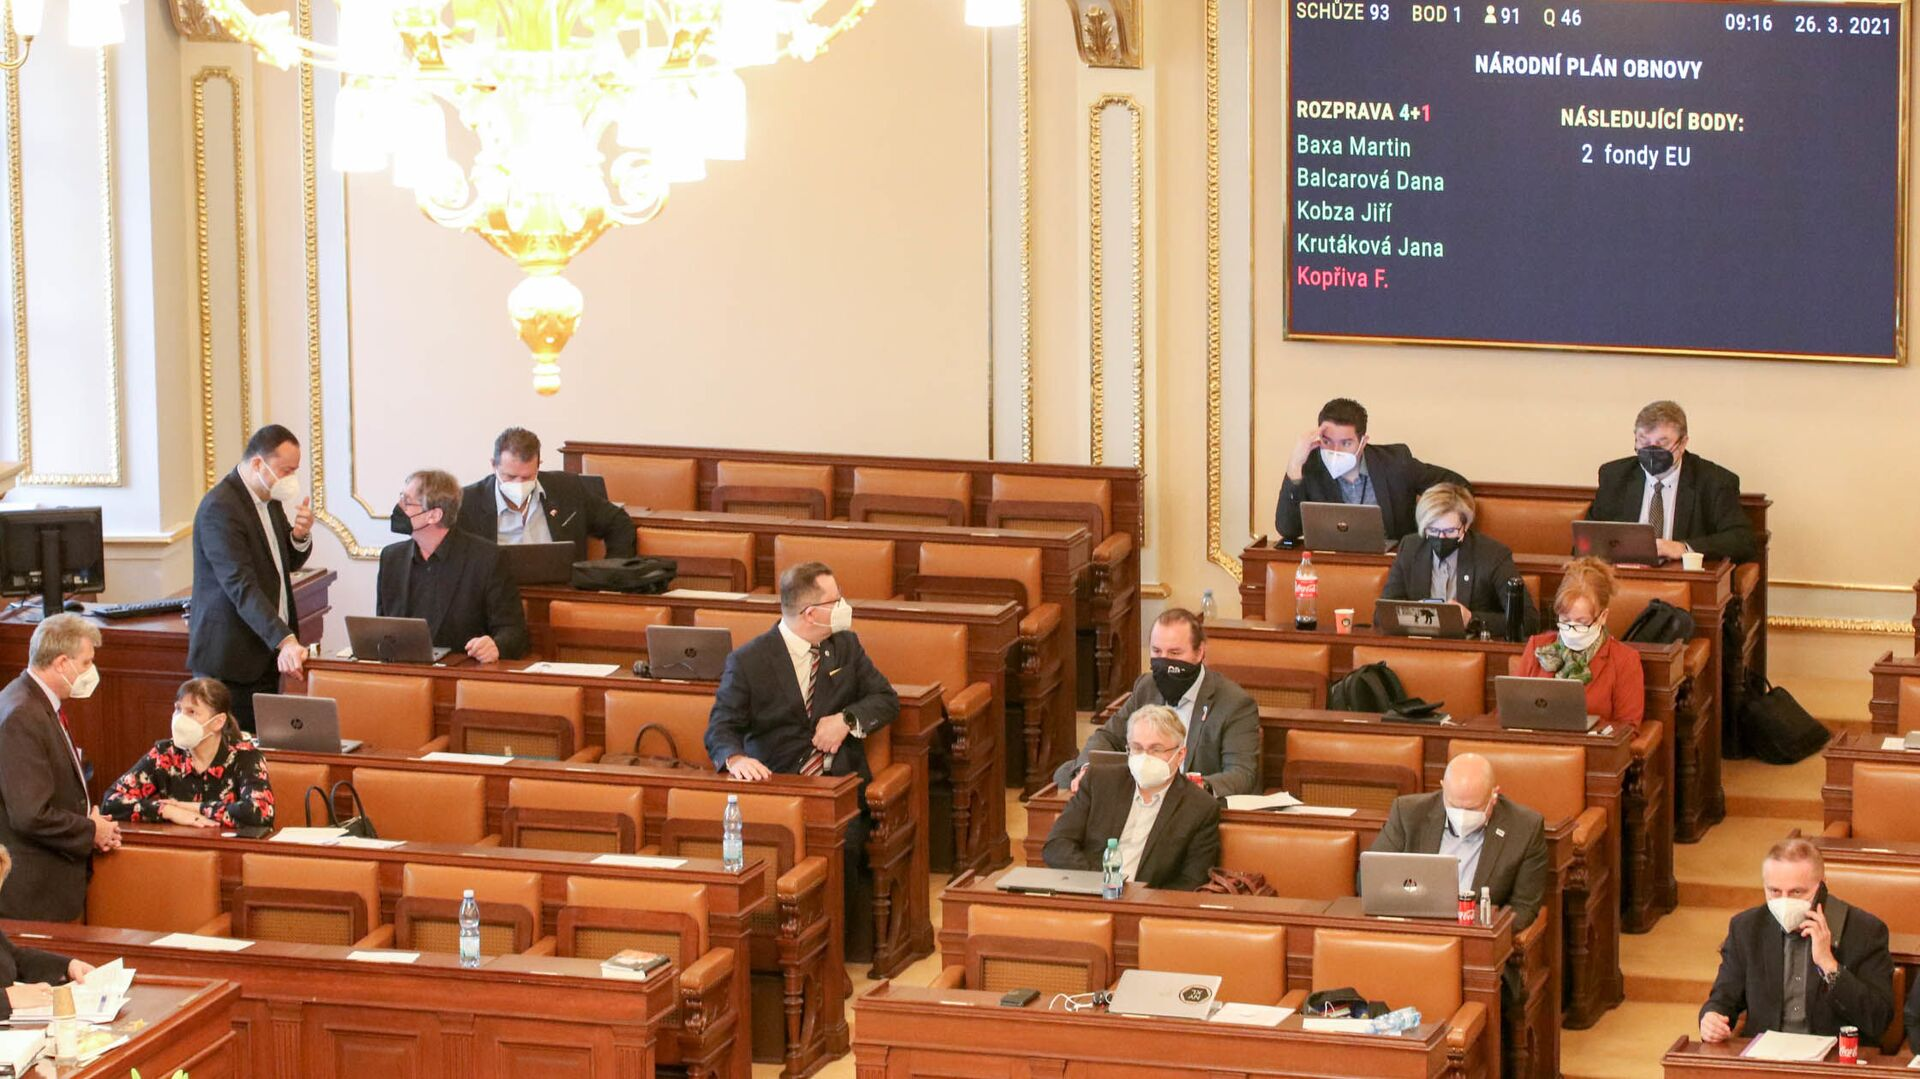 Poslanecká sněmovna - Sputnik Česká republika, 1920, 01.04.2021